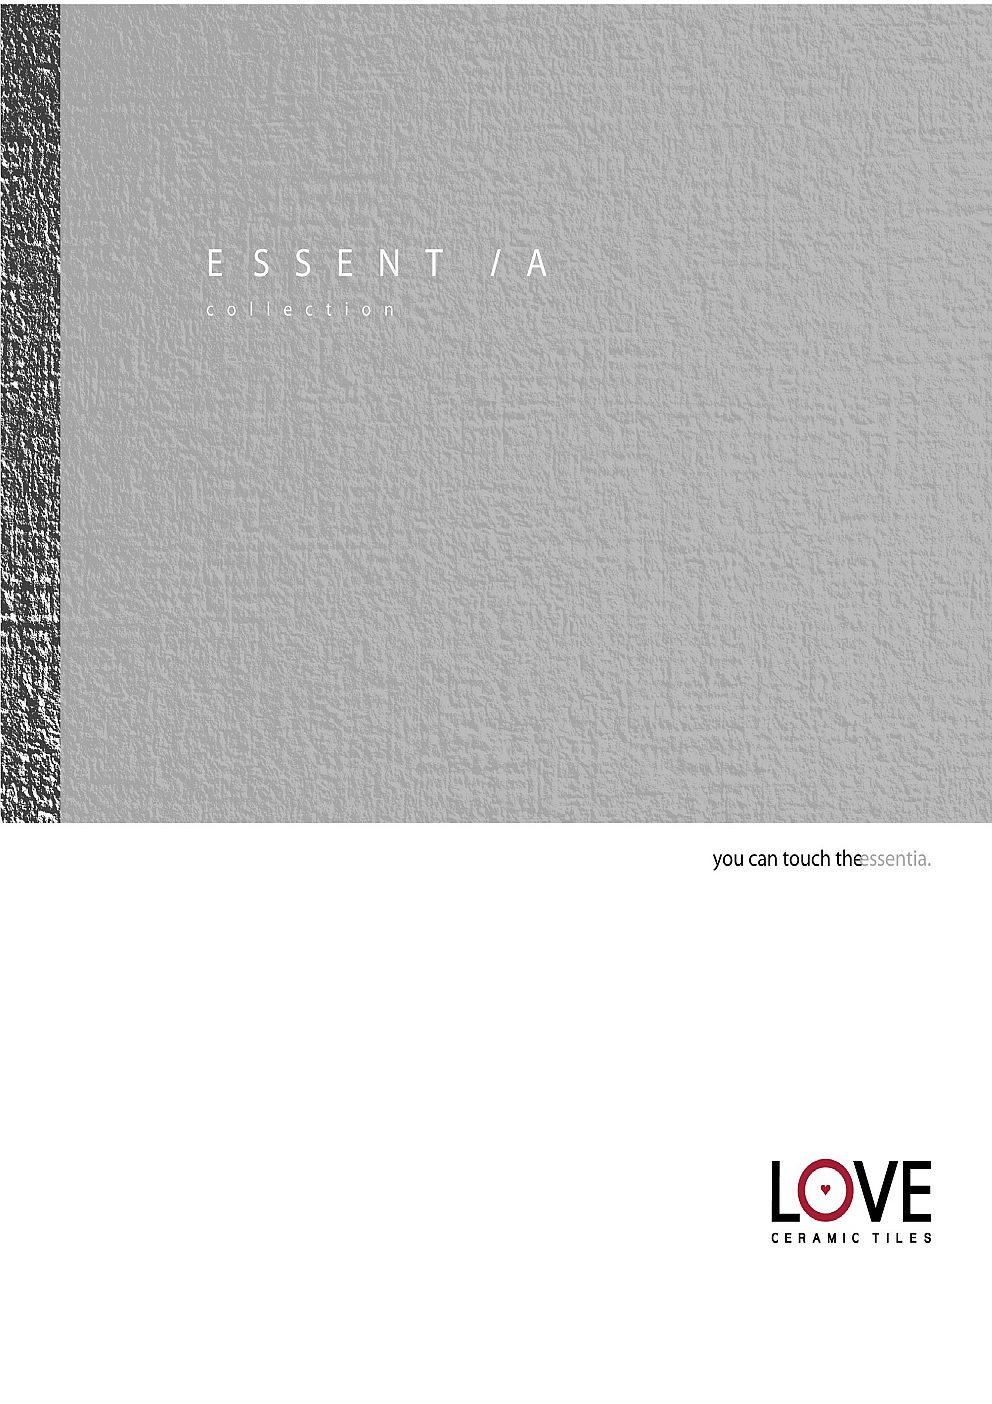 Love - Essentia